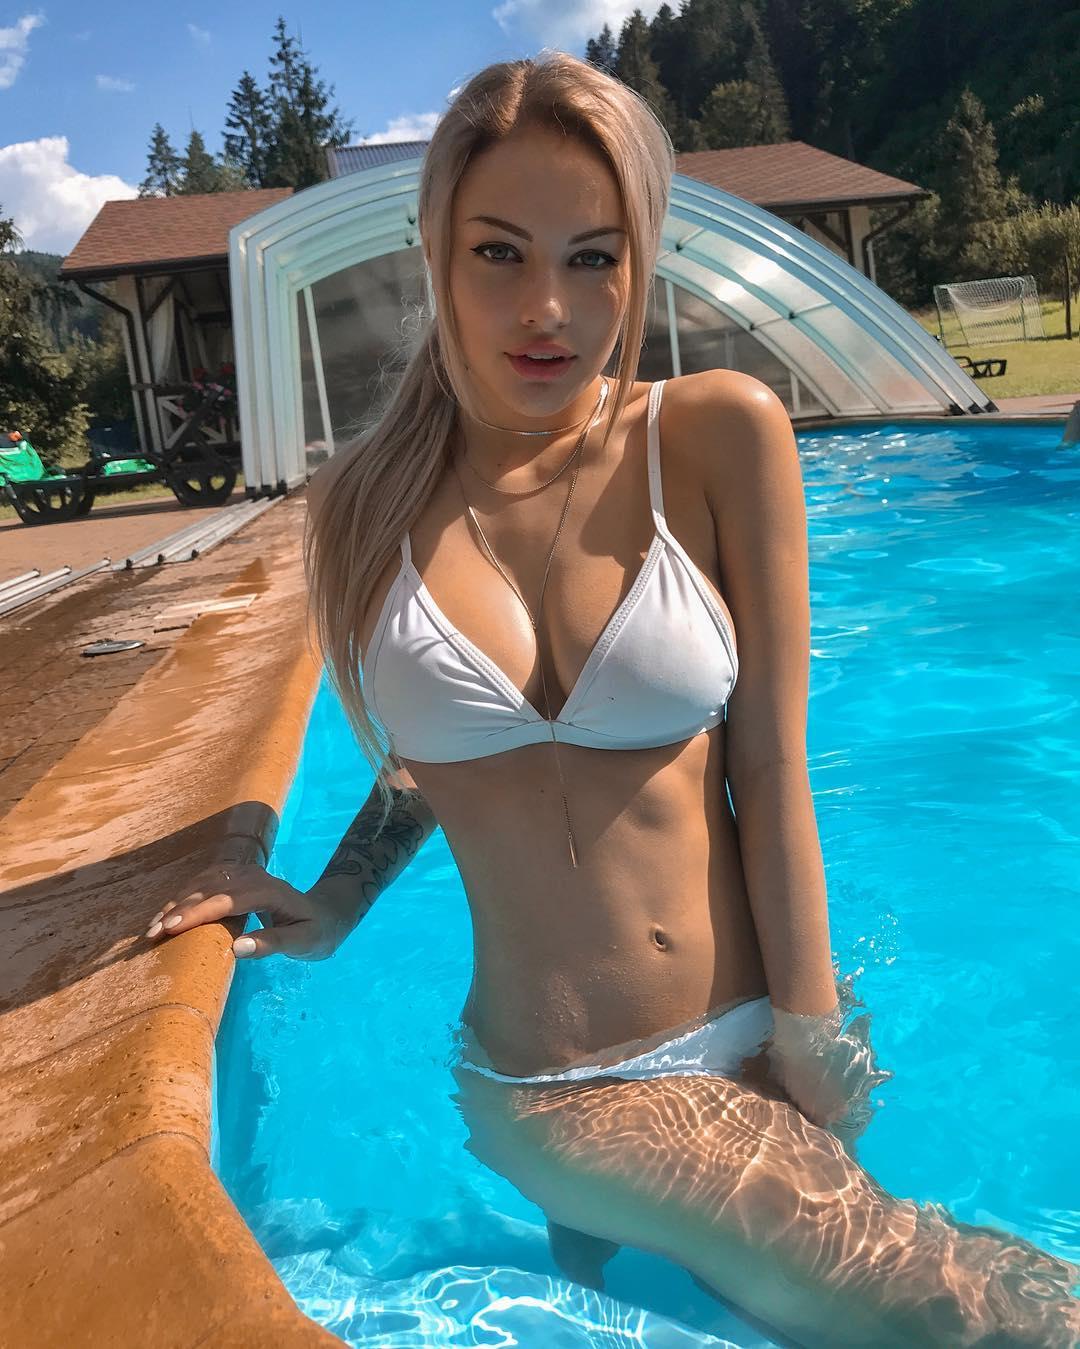 Koshel Ka Big Boobs Bikini Picture and Photo